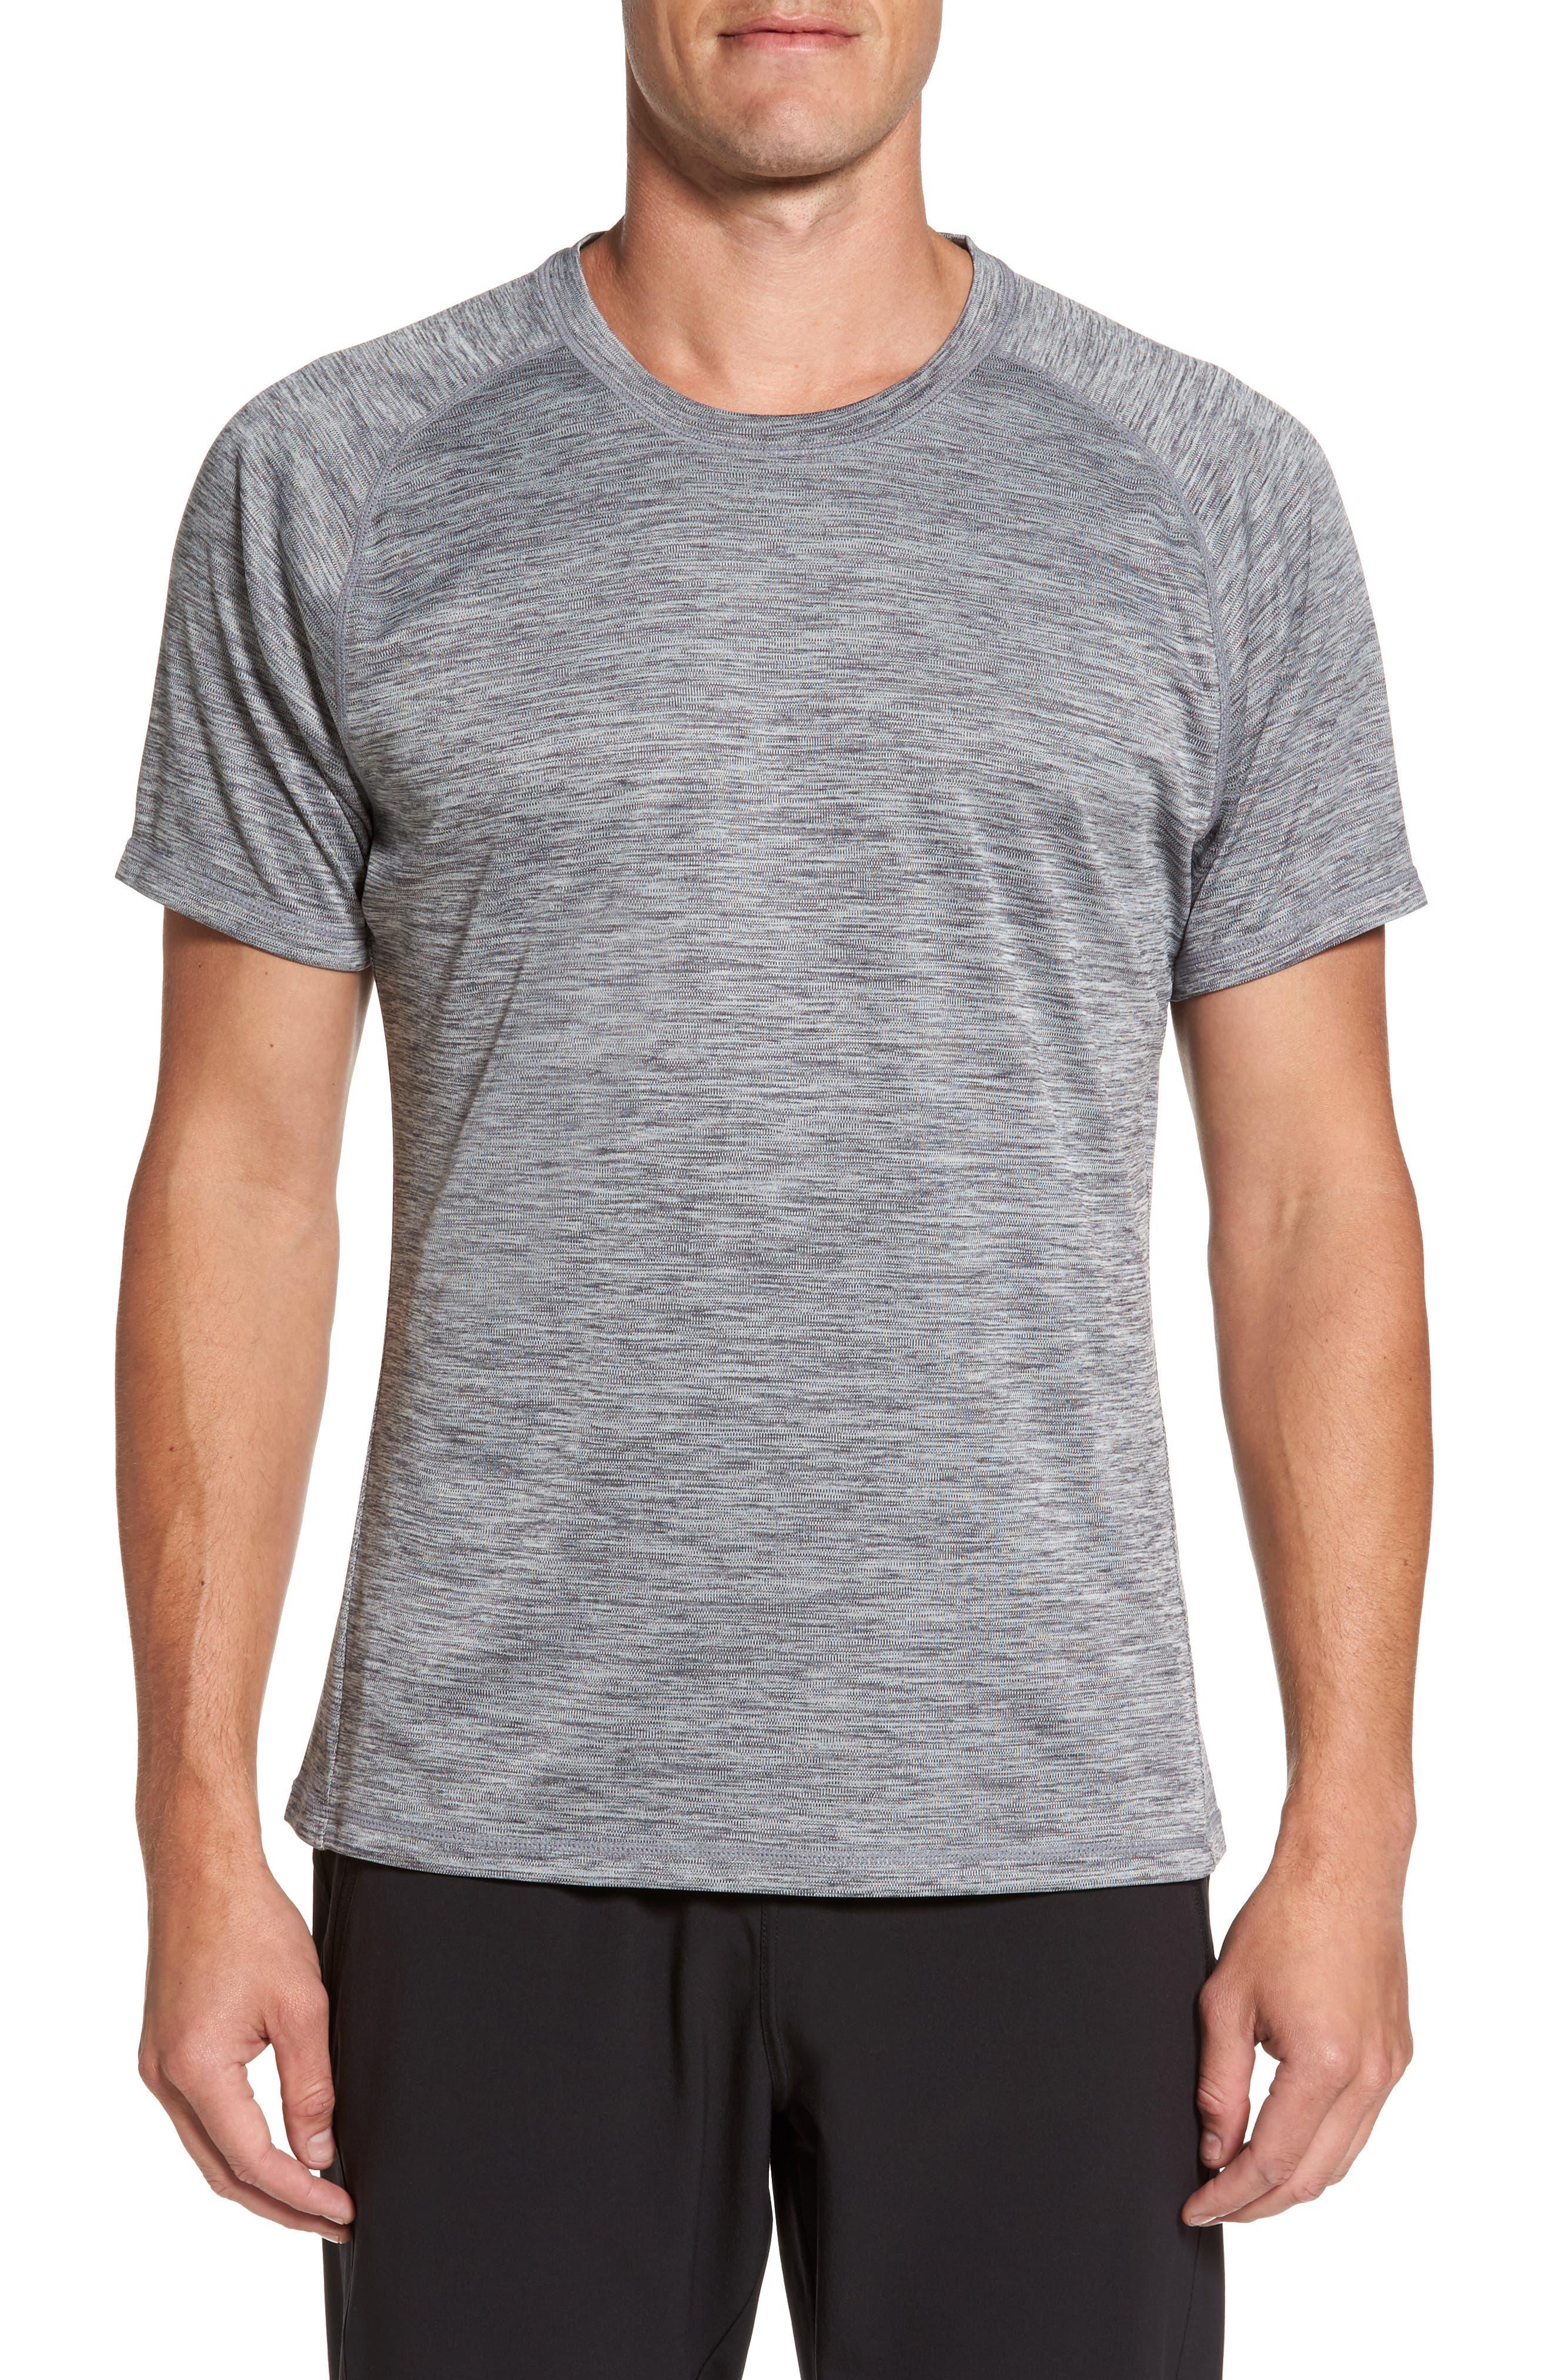 Triplite T-Shirt,                             Main thumbnail 1, color,                             050